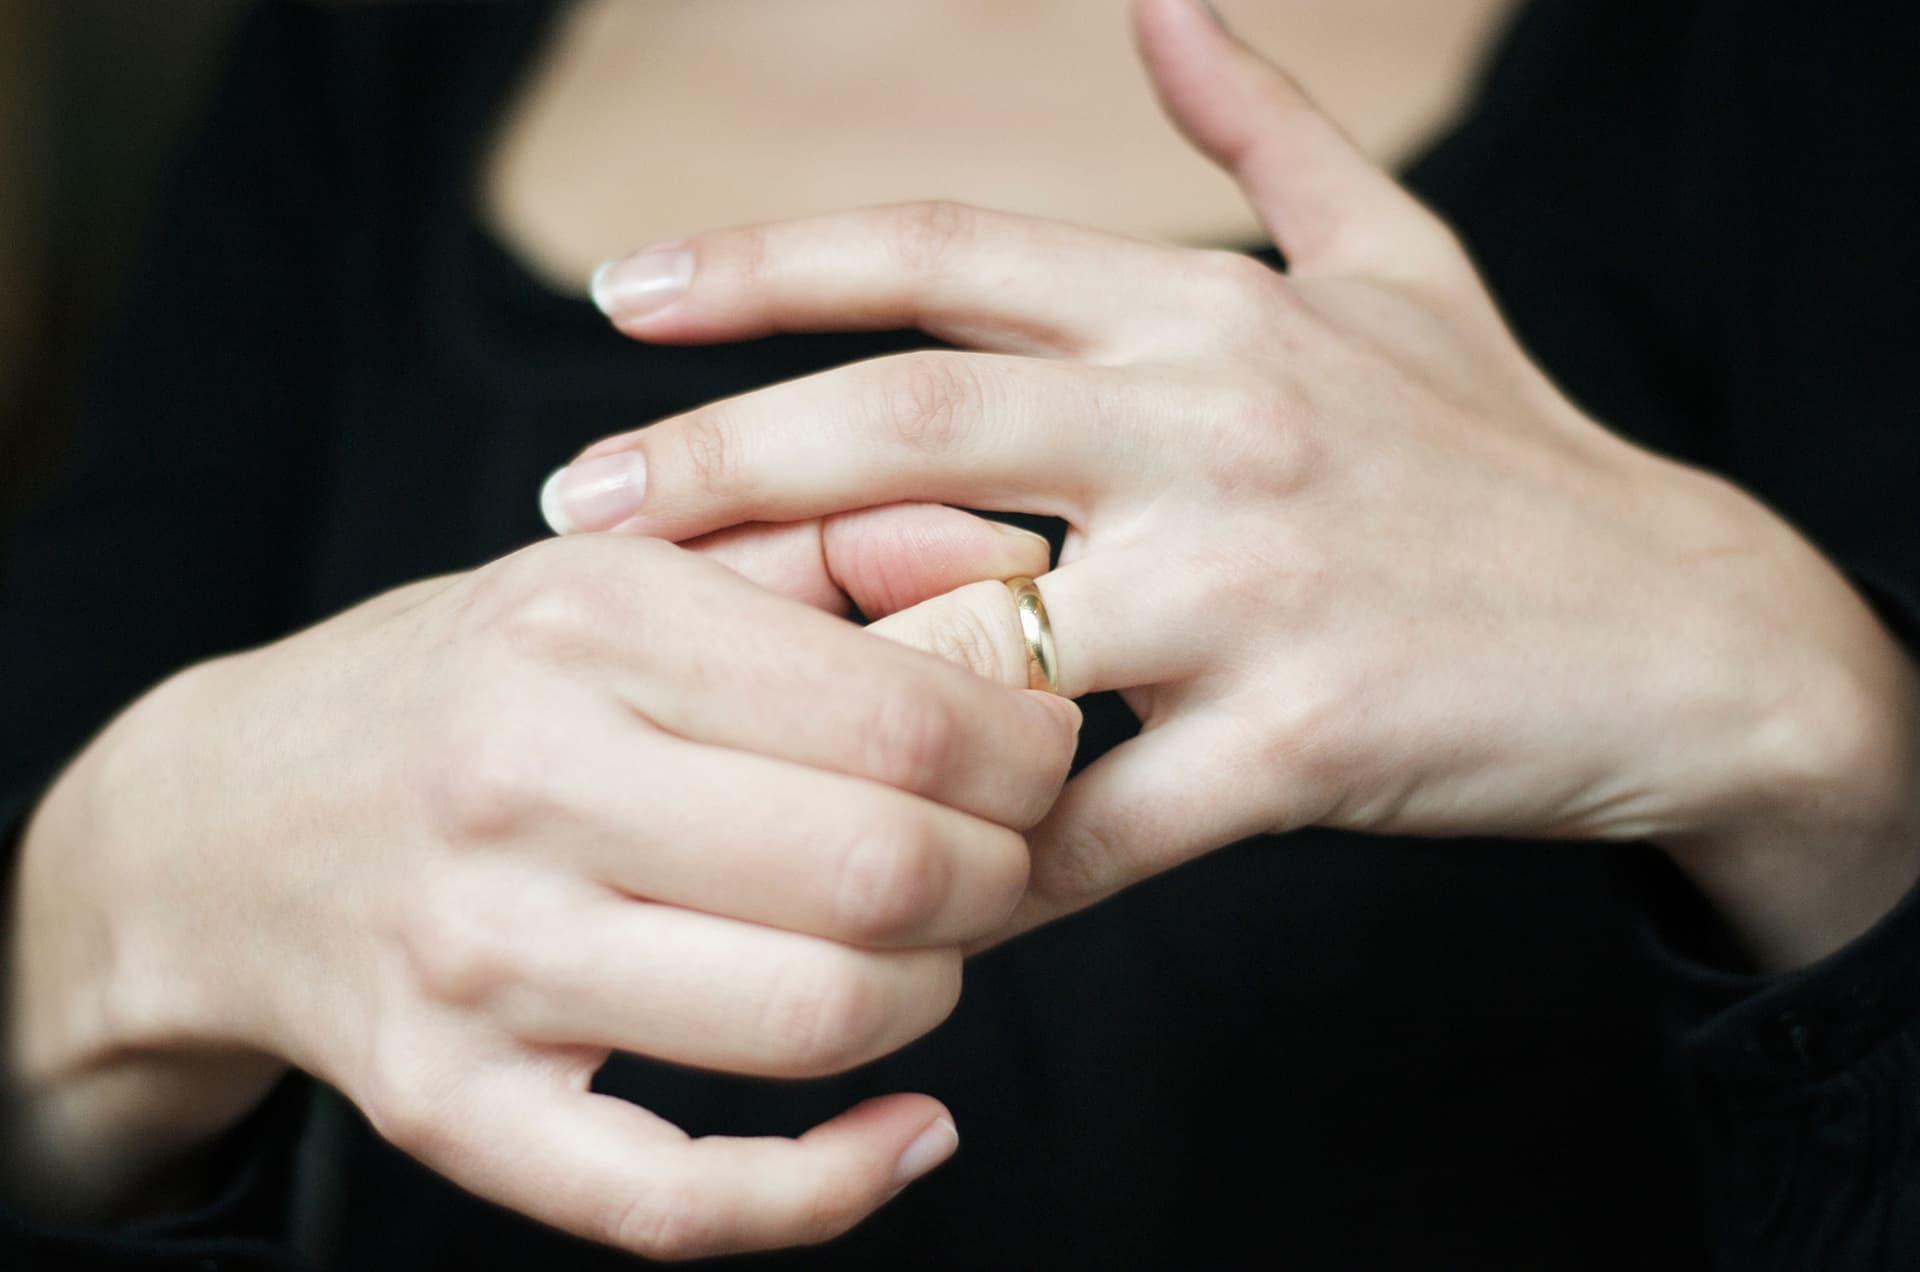 nainen ottaa sormusta sormestaan